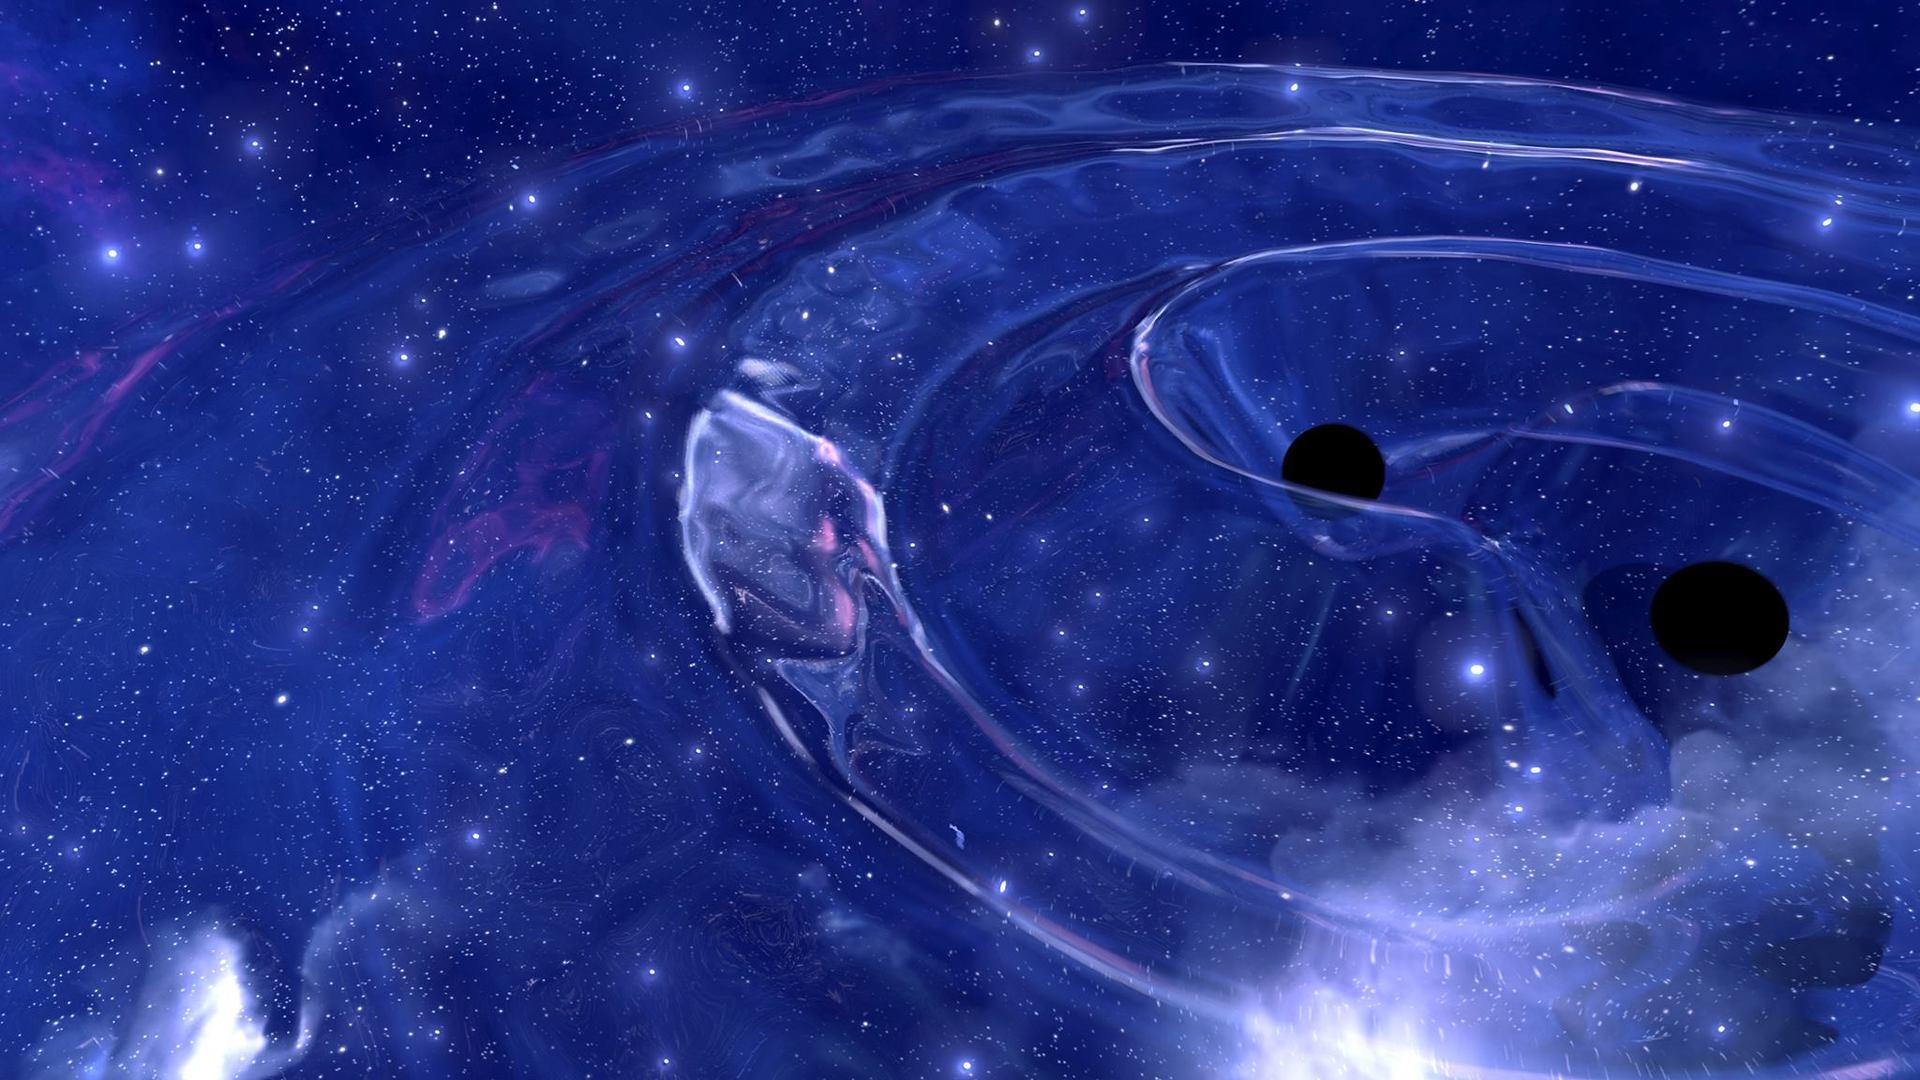 Официальная пресс-конференция о детекторах гравитационных волн: ответы на все ваши вопросы в этот четверг - 1